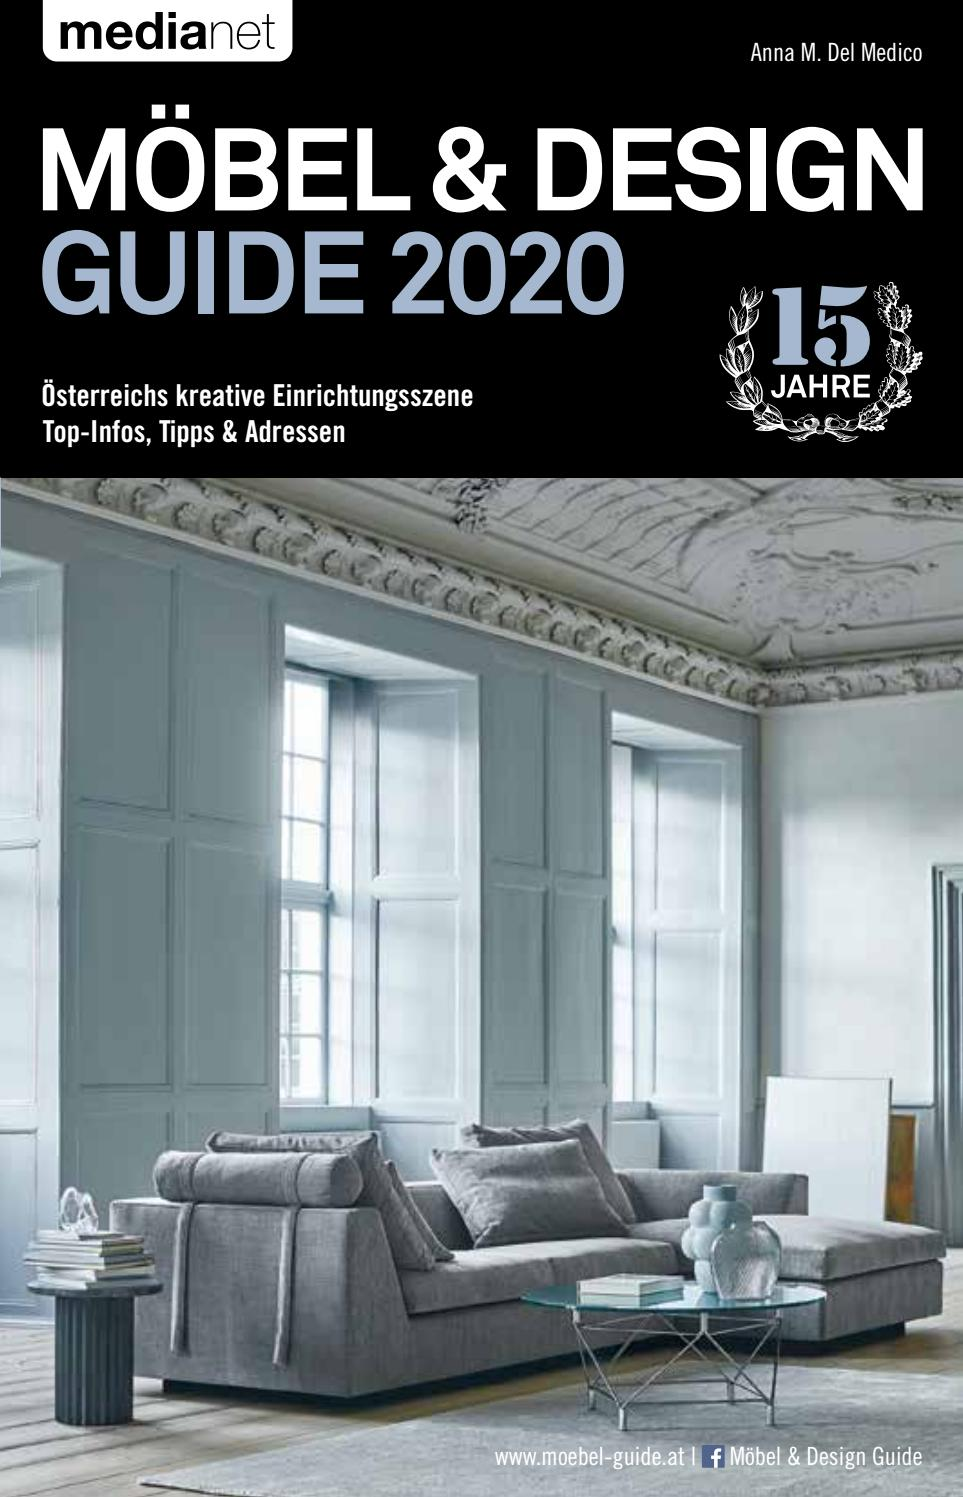 Möbel & Design Guide 12 by medianet   issuu